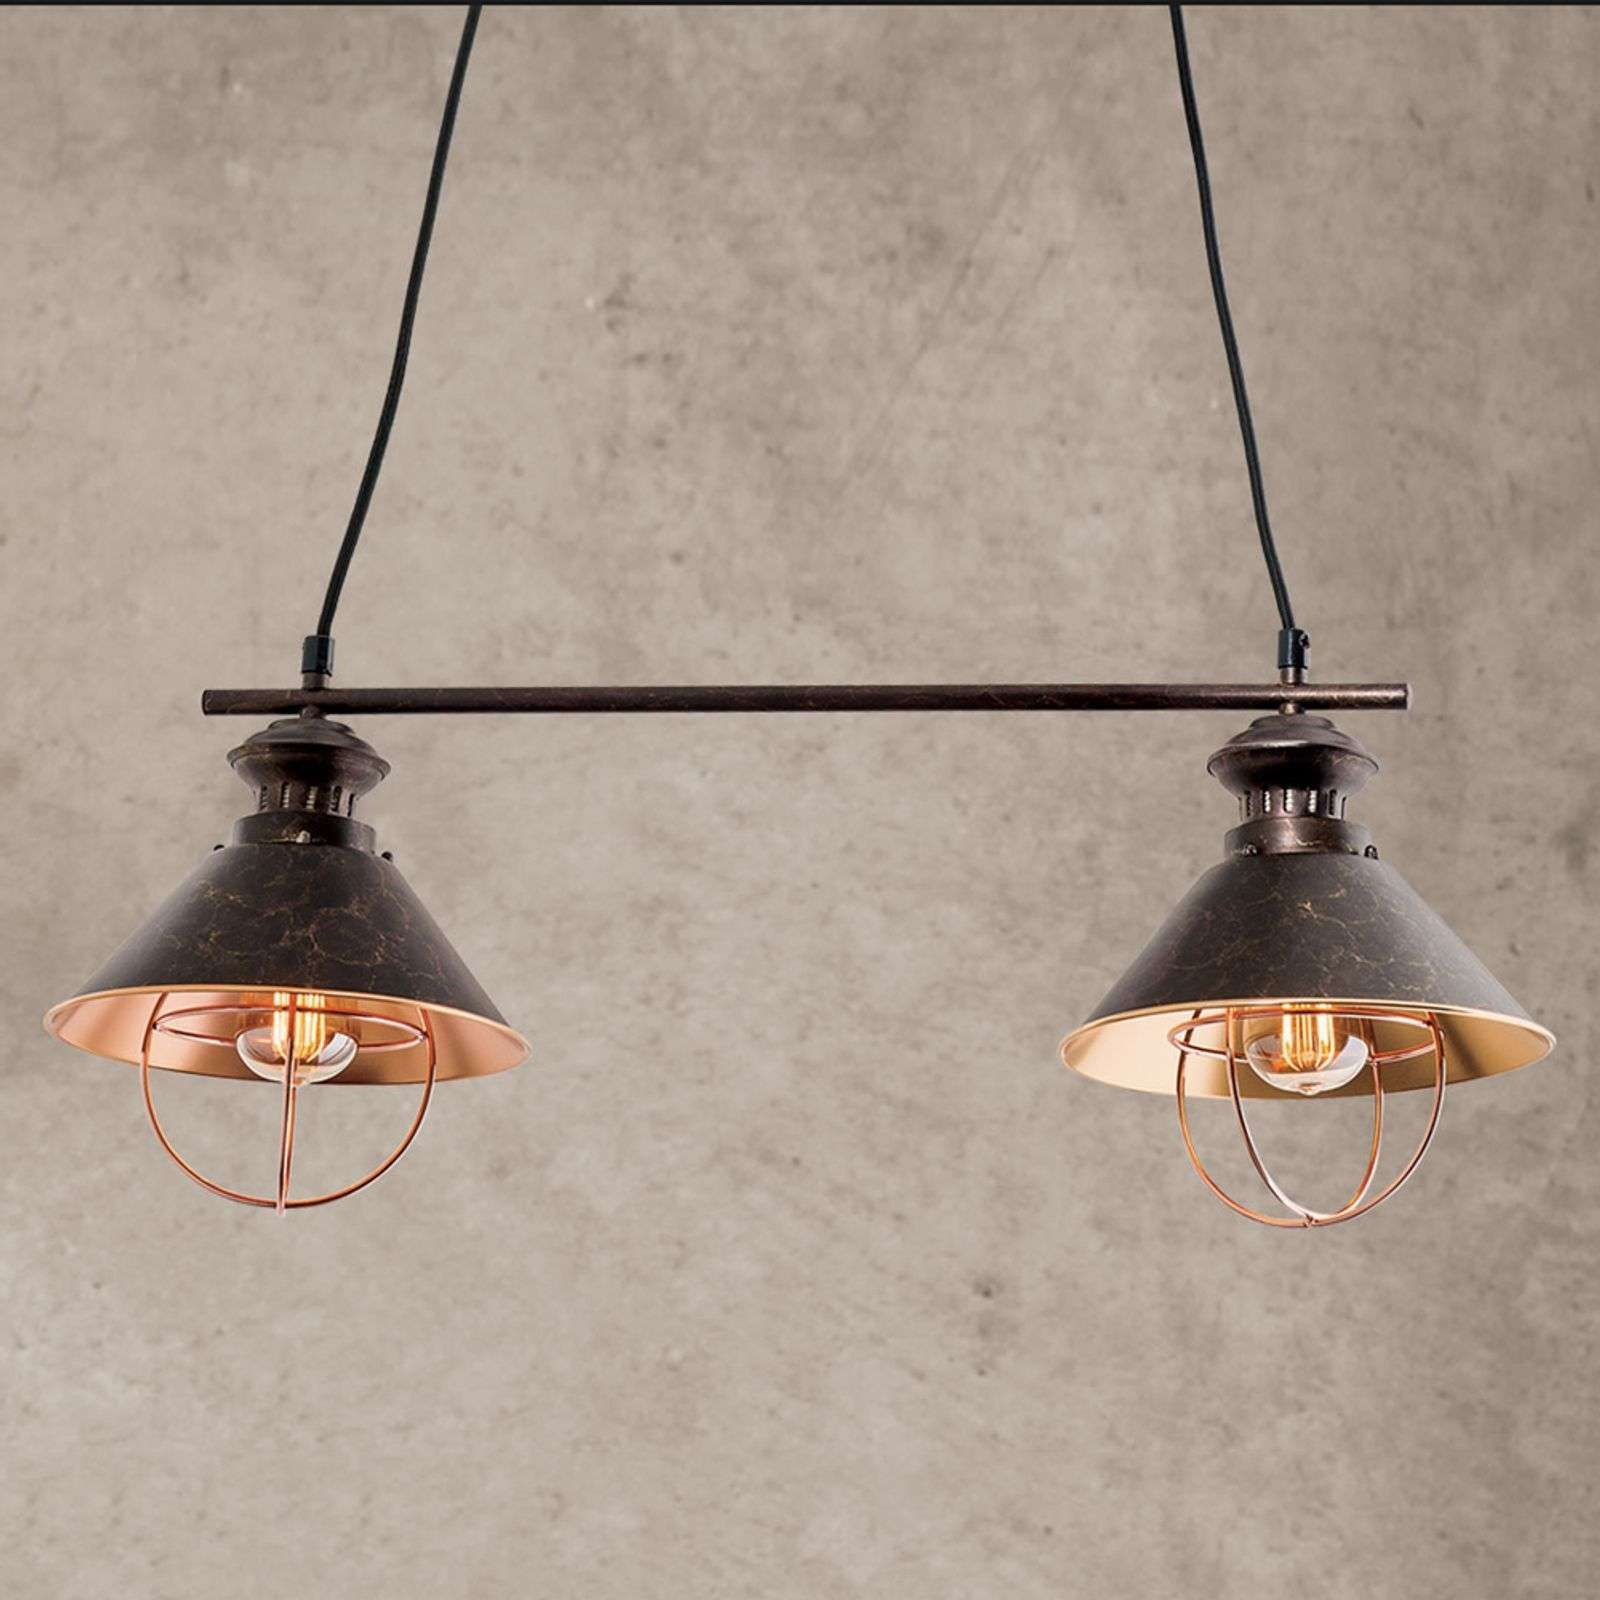 Hangelampe Vintage Glas Industrial Hangelampe 3 Lamps Hanglamp Hanglamp Koper Bol Oosterse Hanglampen Voor Buiten In 2020 Hanglamp Hangende Lichten Licht